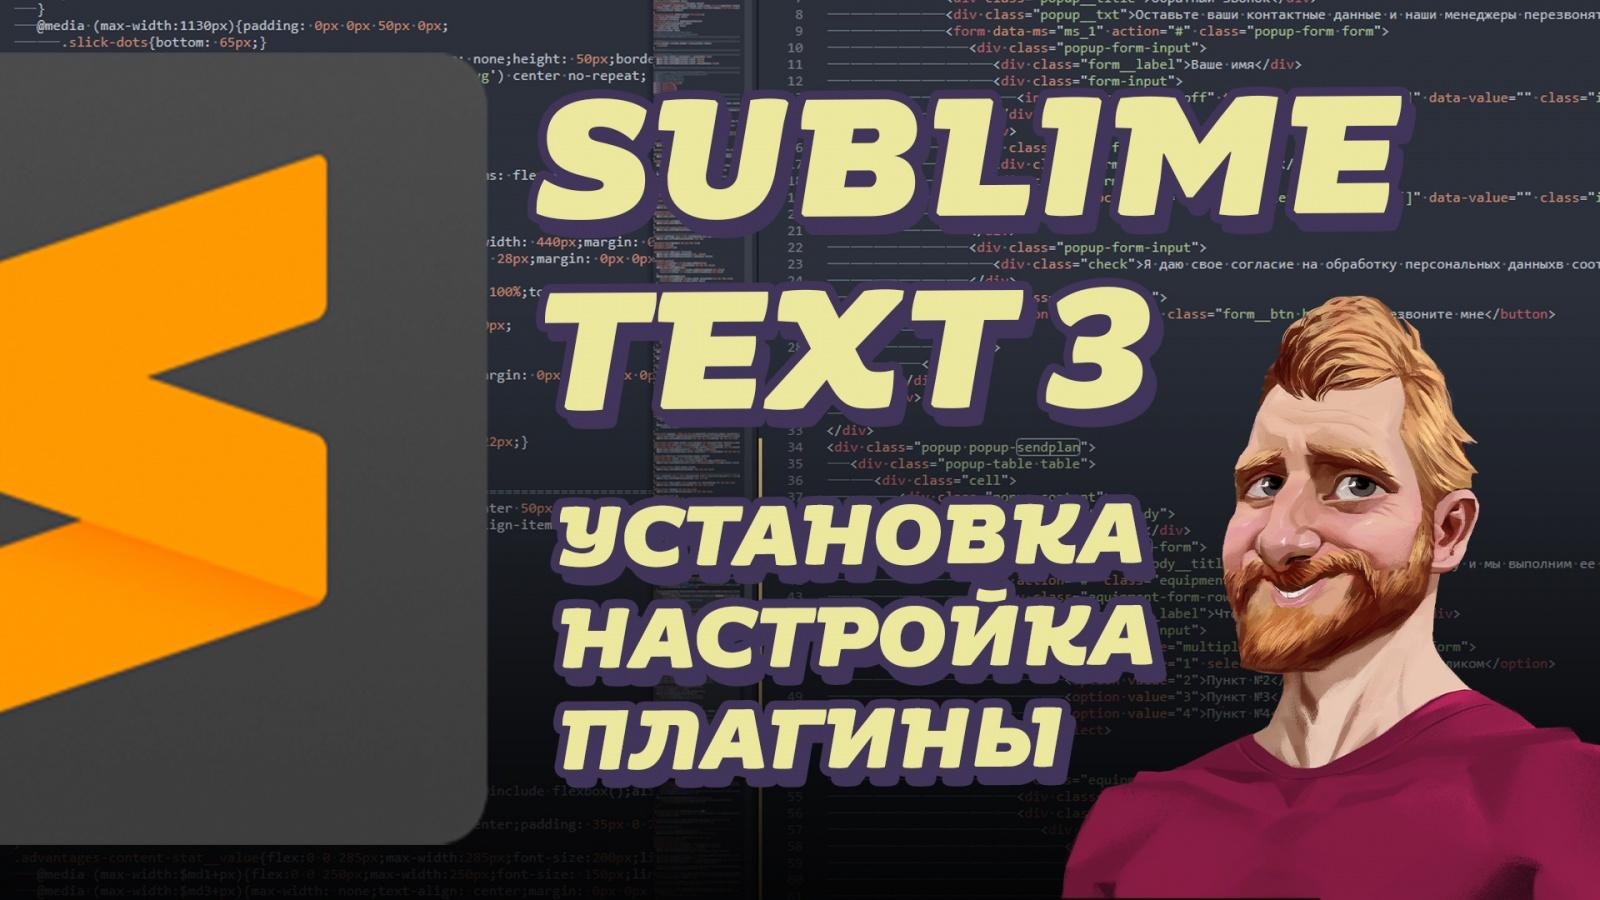 Sublime Text 3 для верстки сайтов. Настройка внешнего вида и установка плагинов. Руководство для начинающих - 1